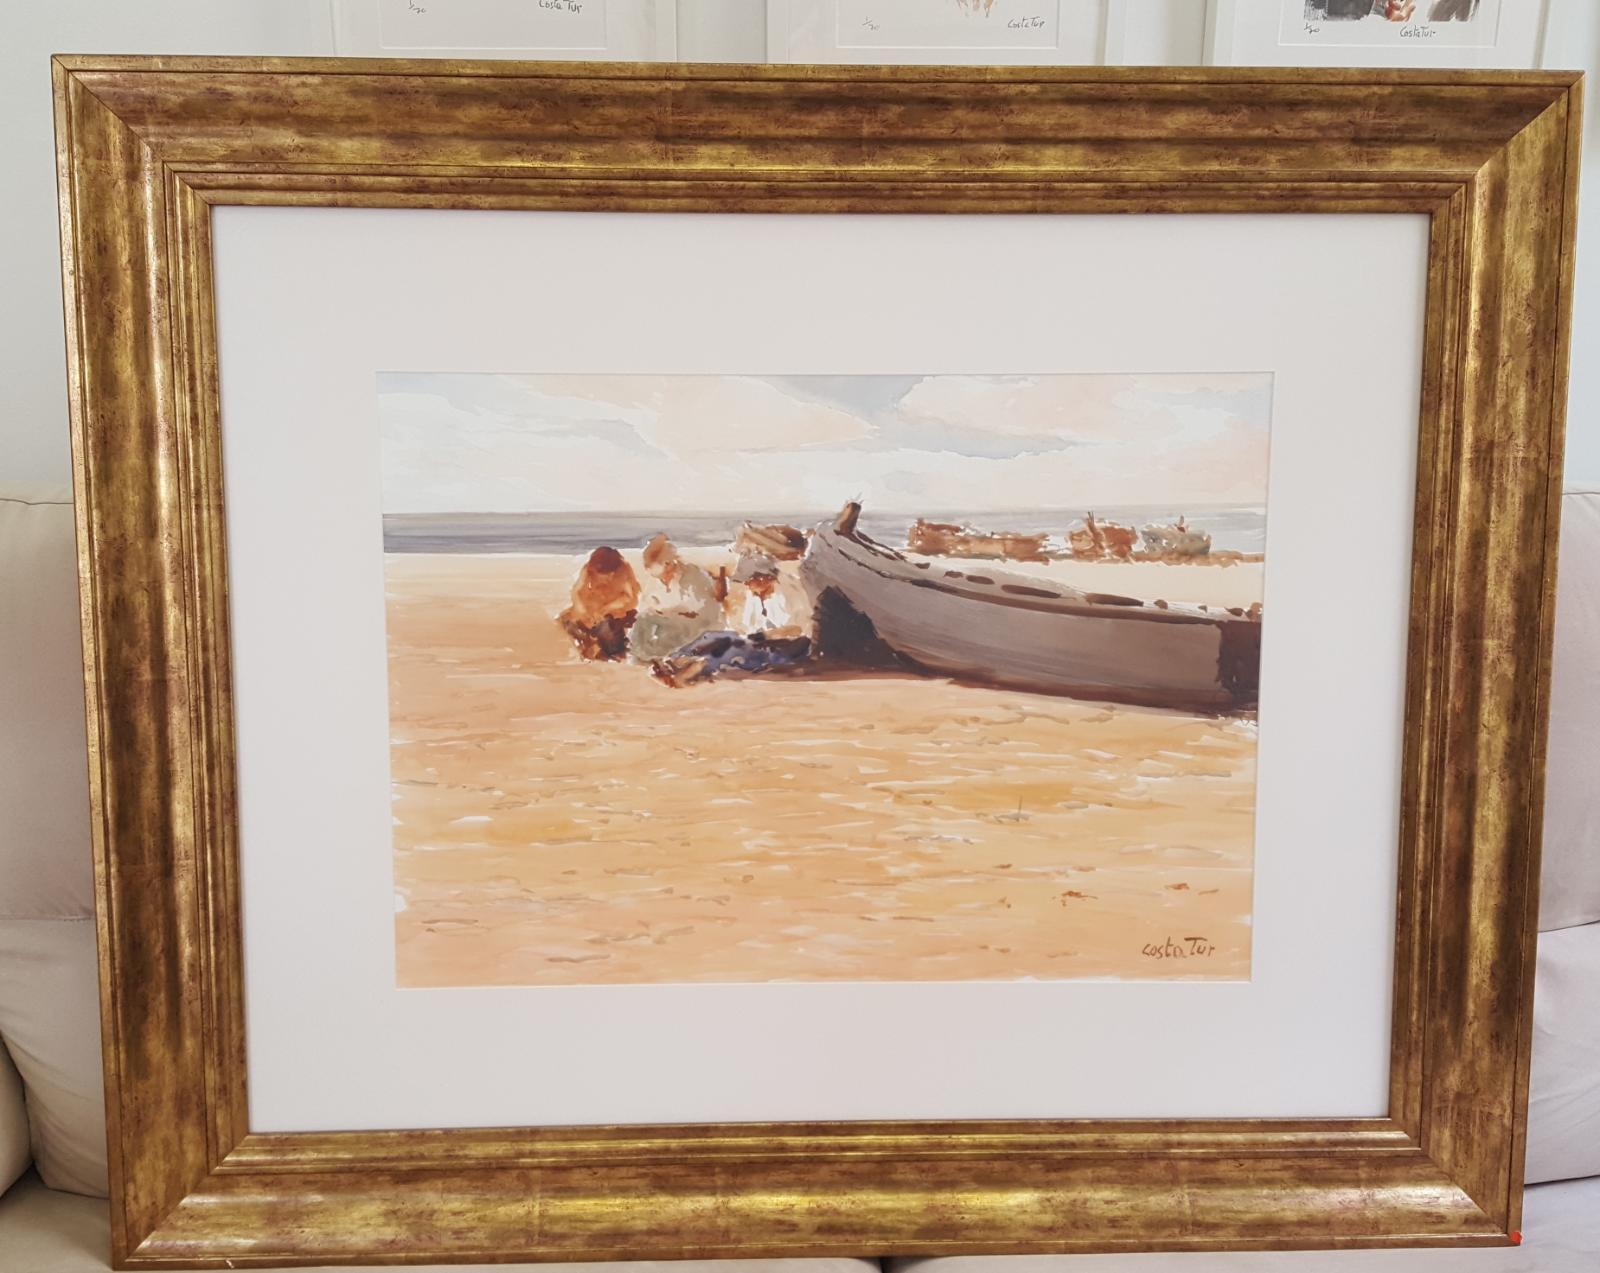 L'Ajuntament de Dénia adquireix dos obres del pintor Costa Tur